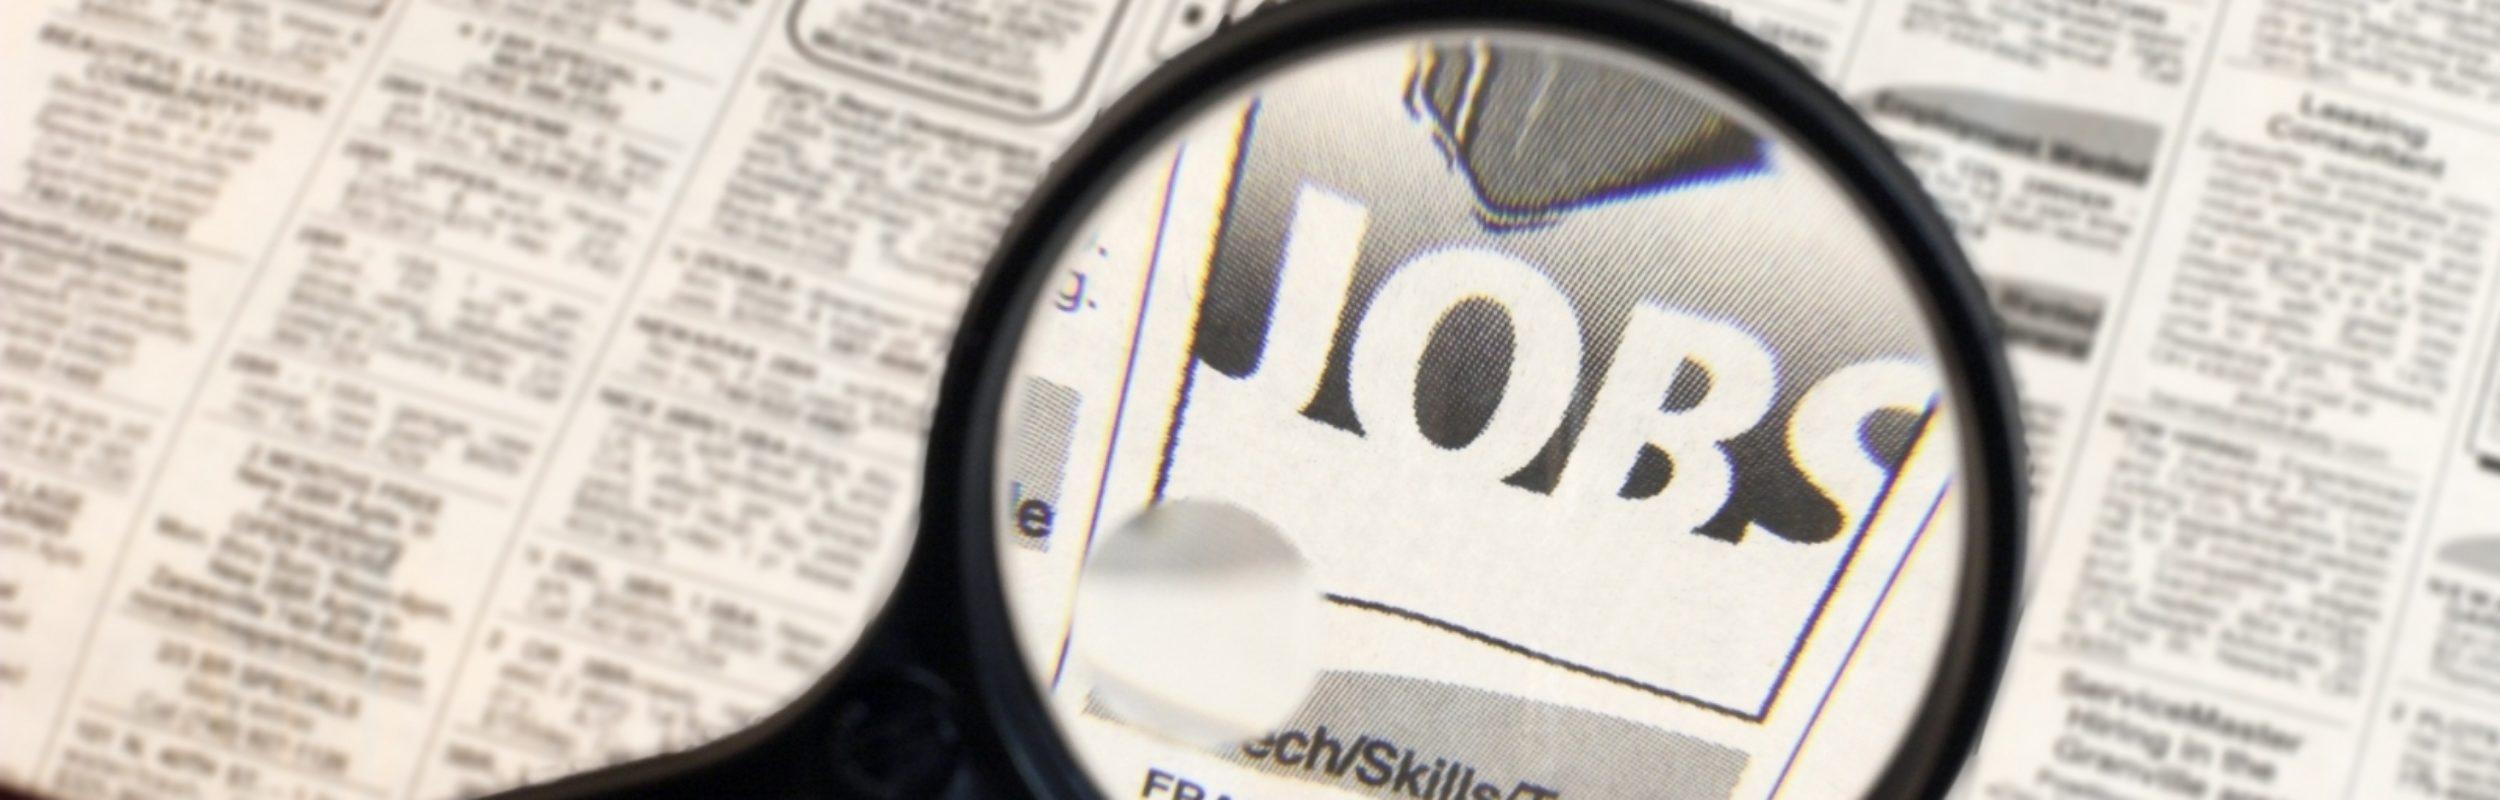 Les conseils de Béné la Malice : trouver du travail au Canada